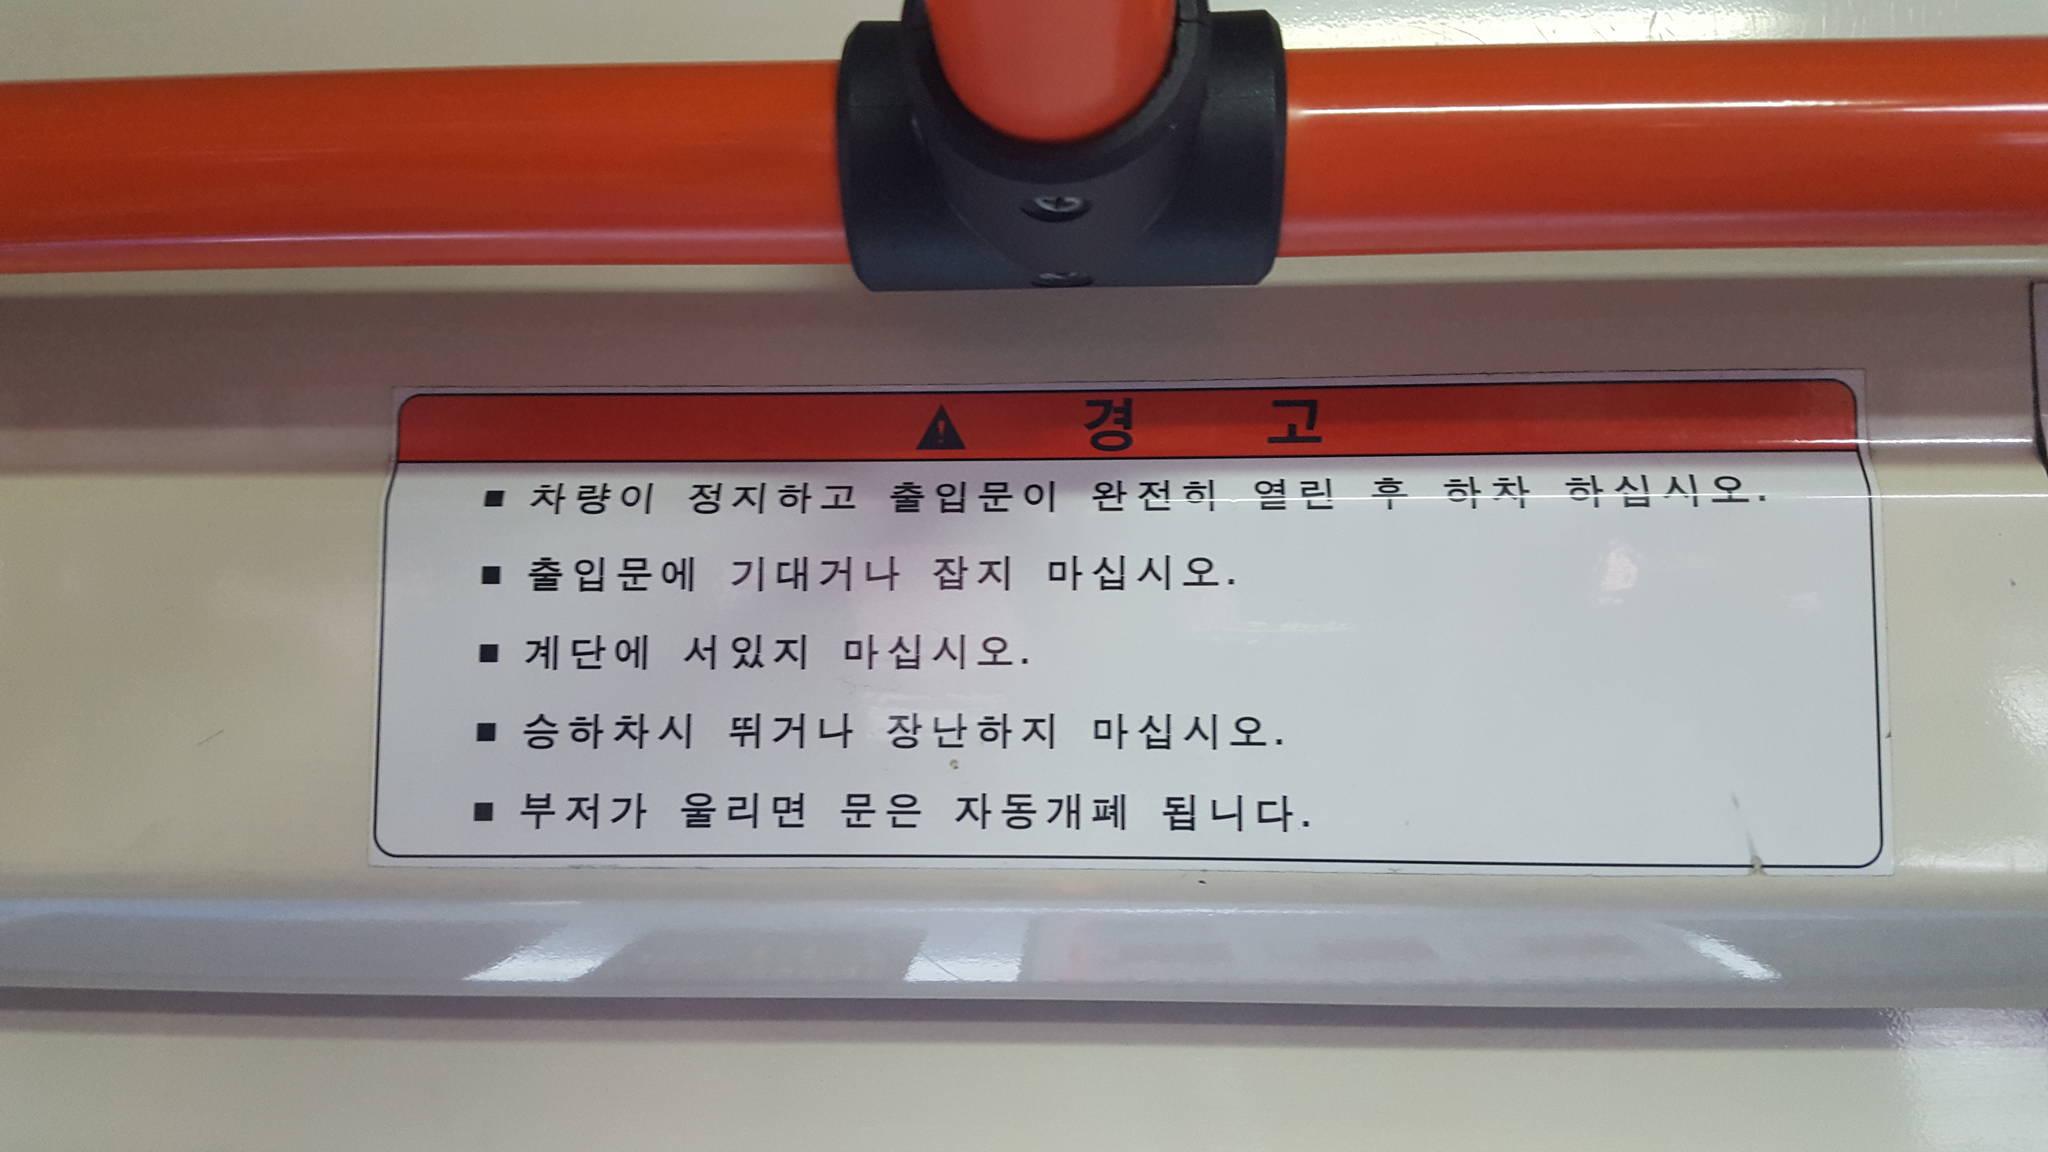 서울의 한 시내버스 안에 붙어 있는 경고. 승객 안전을 위한 당부인데 '경고'라고 한 것은 어색해 보인다. 성시윤 기자